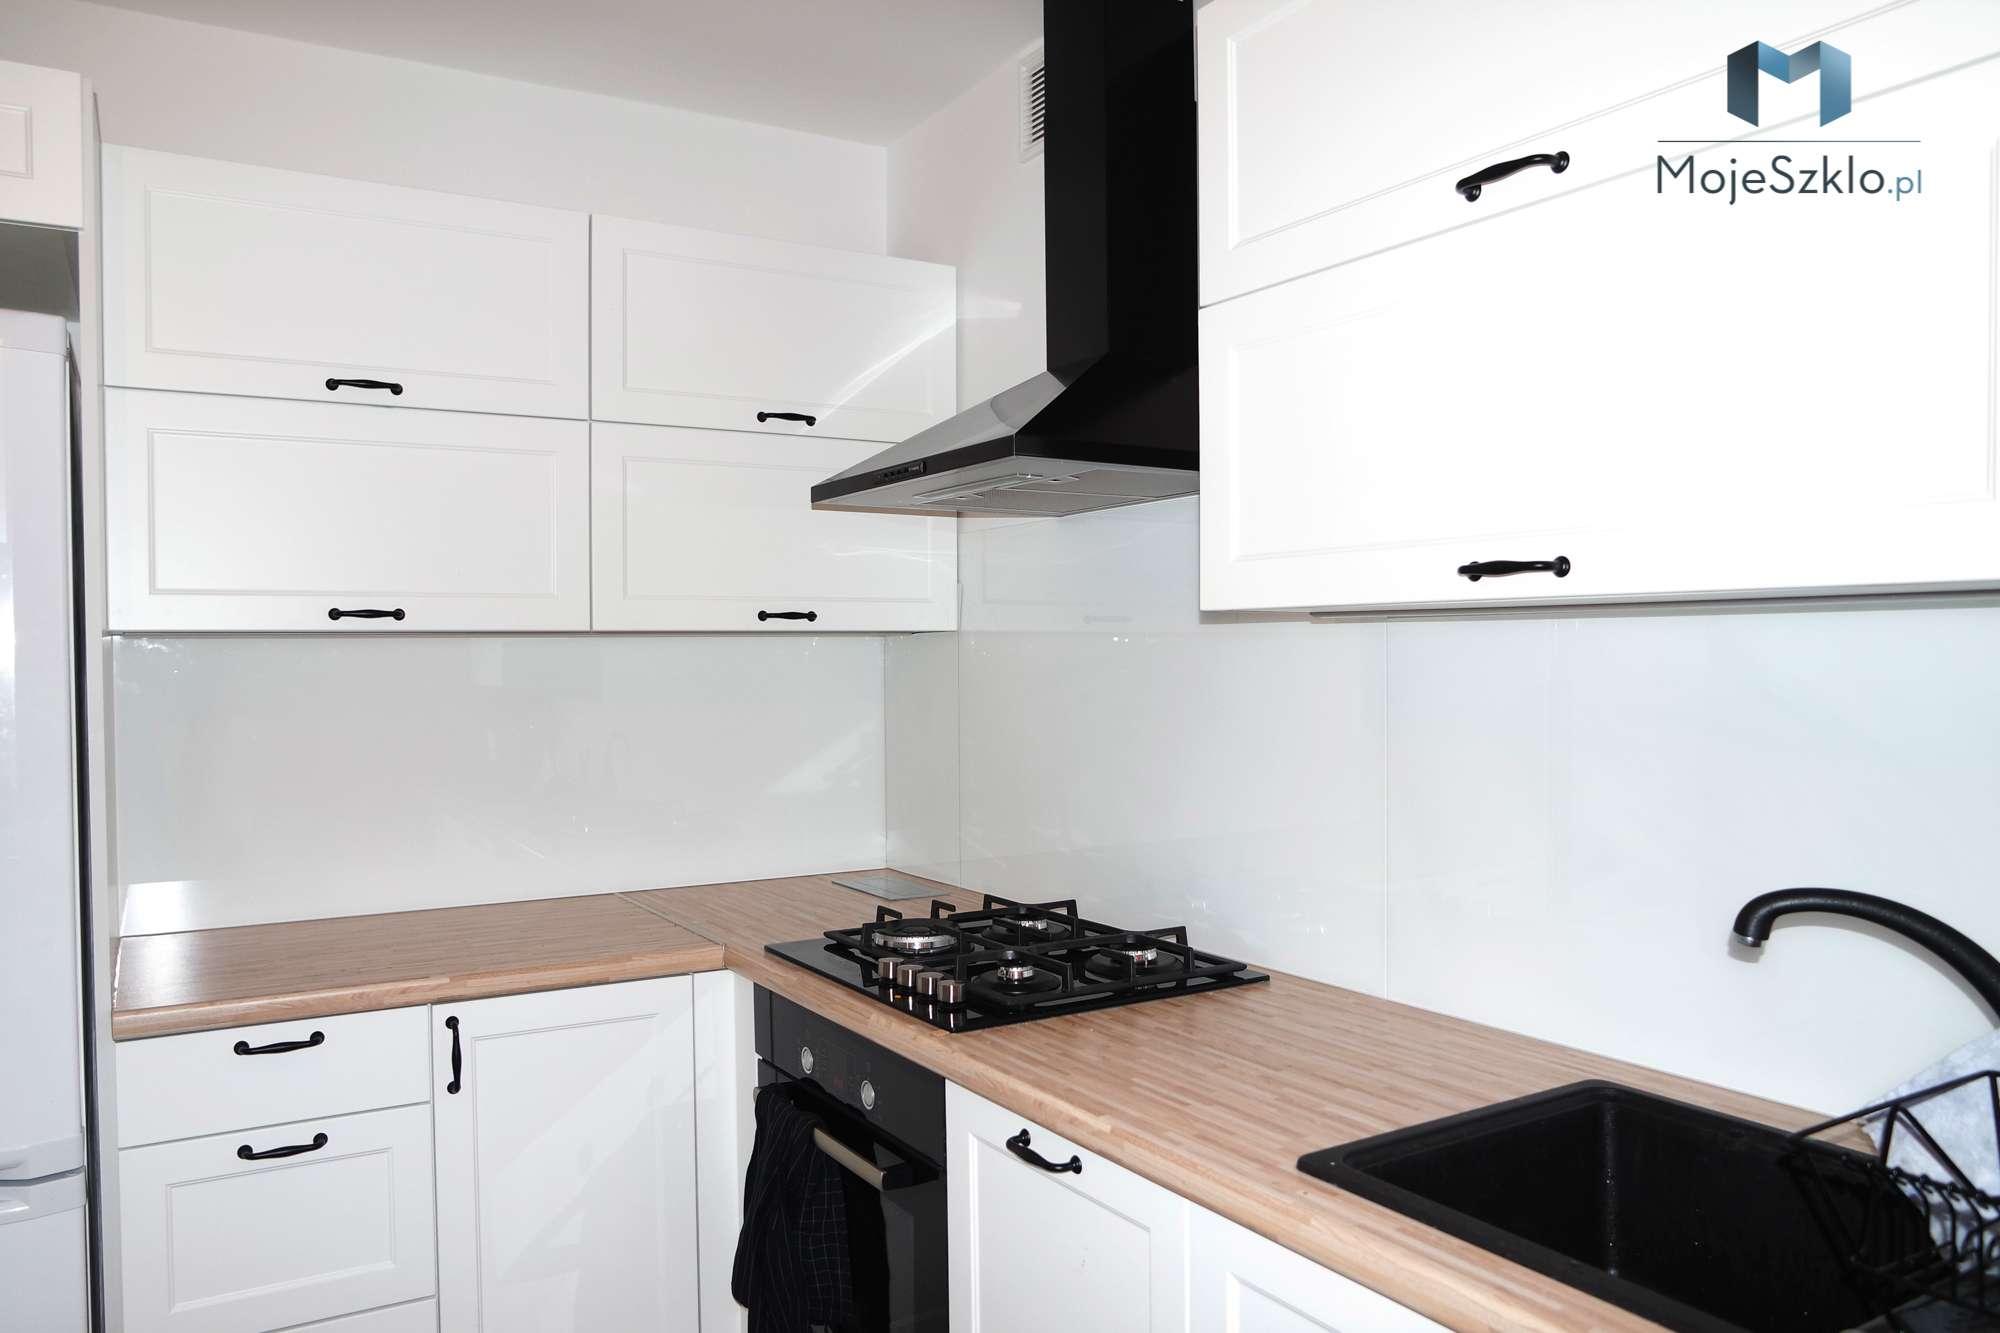 Szyba Do Kuchni 9003 - Panele szklane lacobel zastosowania komercyjne